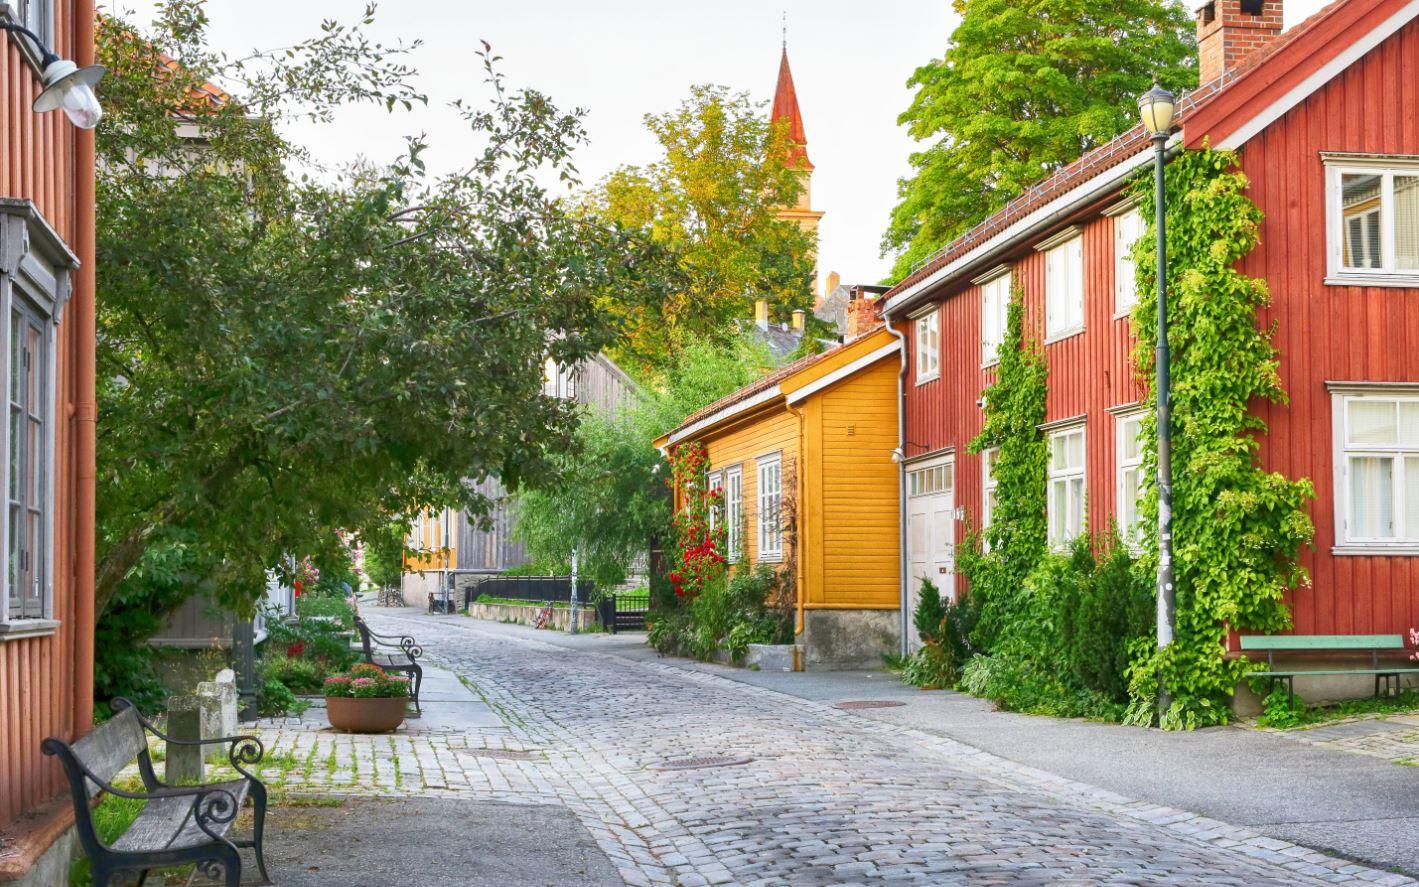 Trondheim in Noorwegen